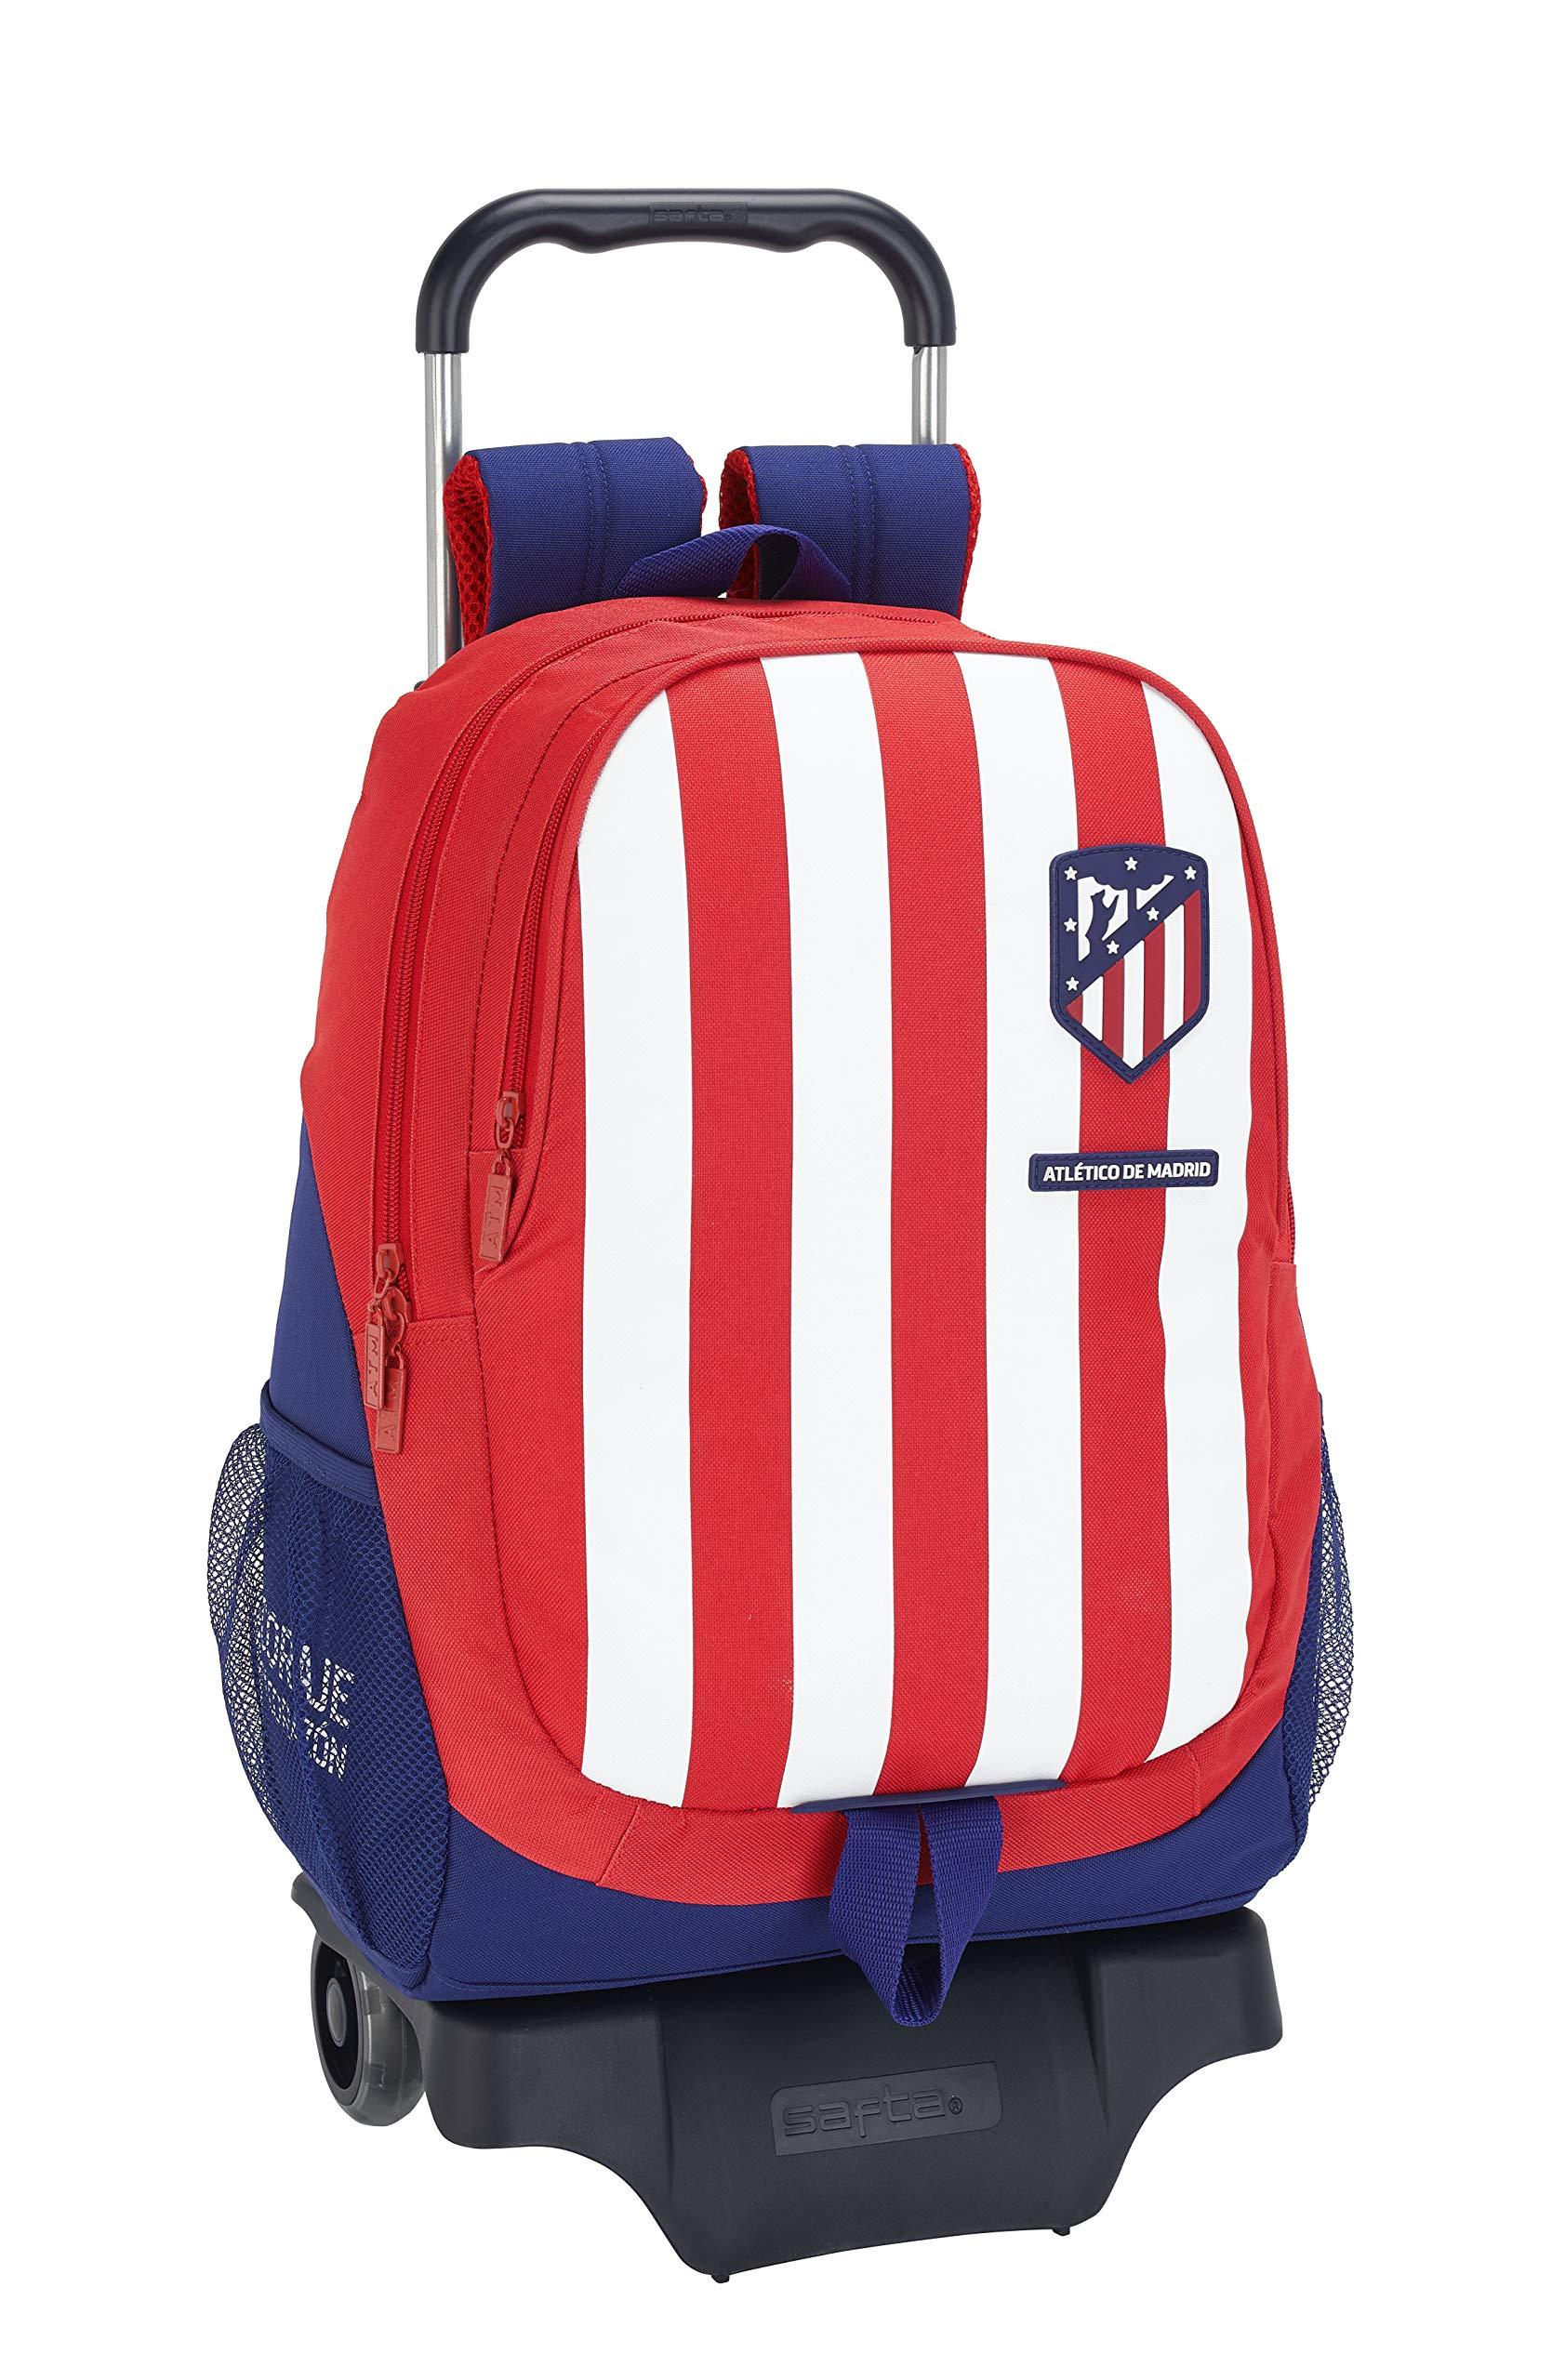 818LrrMlkYL - Mochila Escolar de Atlético de Madrid Oficial con Carro 330x150x430mm